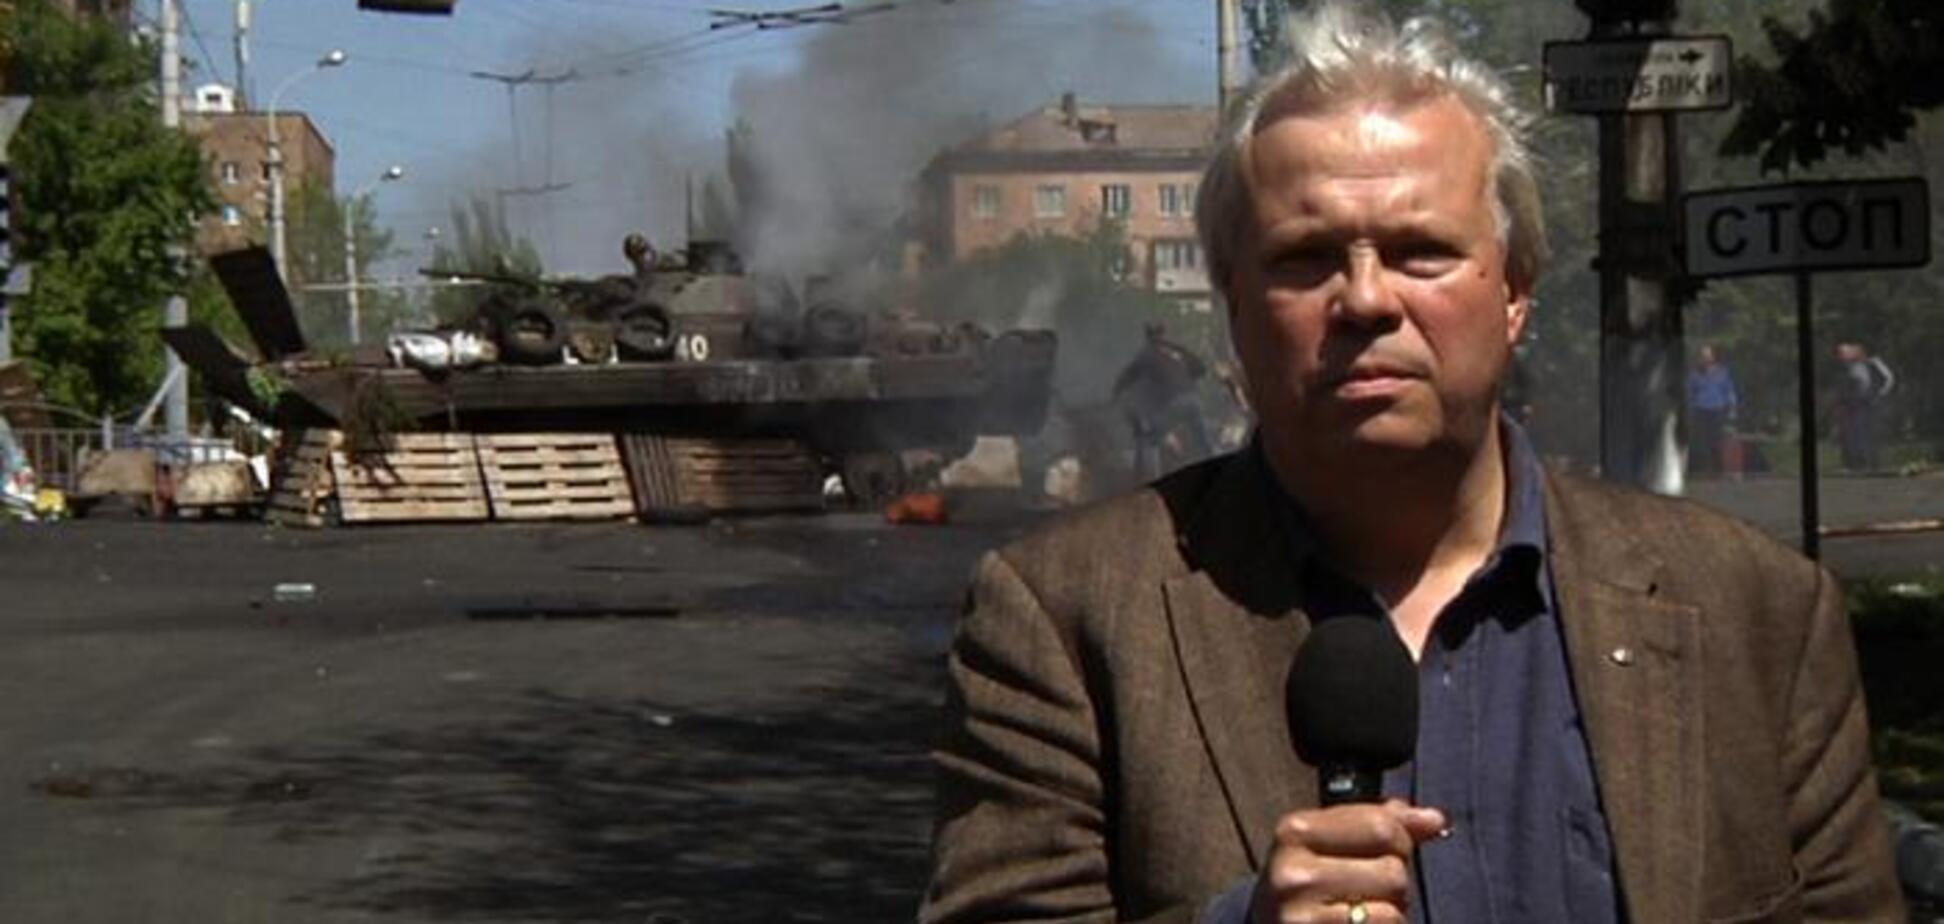 ''Двох уже вбили!'' Австрійський журналіст-''кримнашист'' впав в істерику через ''погрози'' Києва